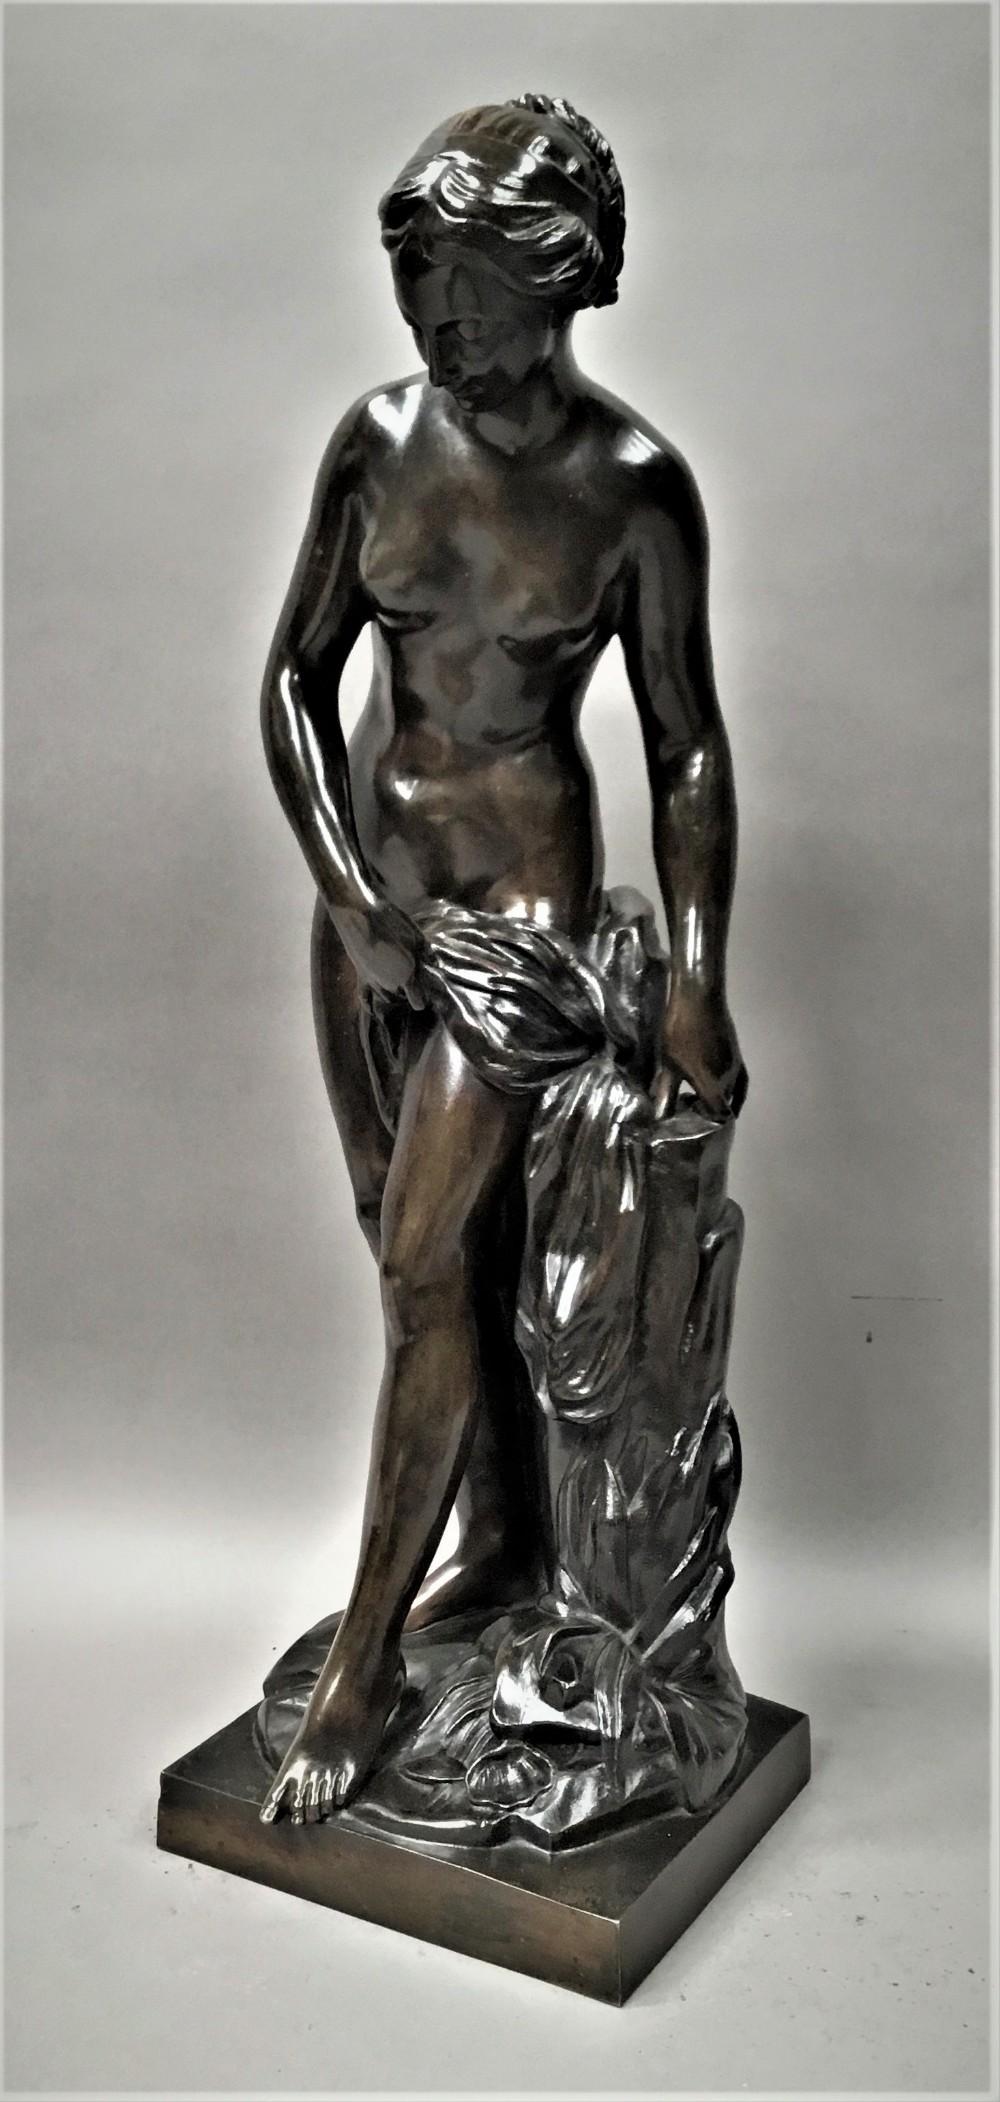 c19th large bronze sculpture of venus bathing venus au bain after etiennemaurice falconet